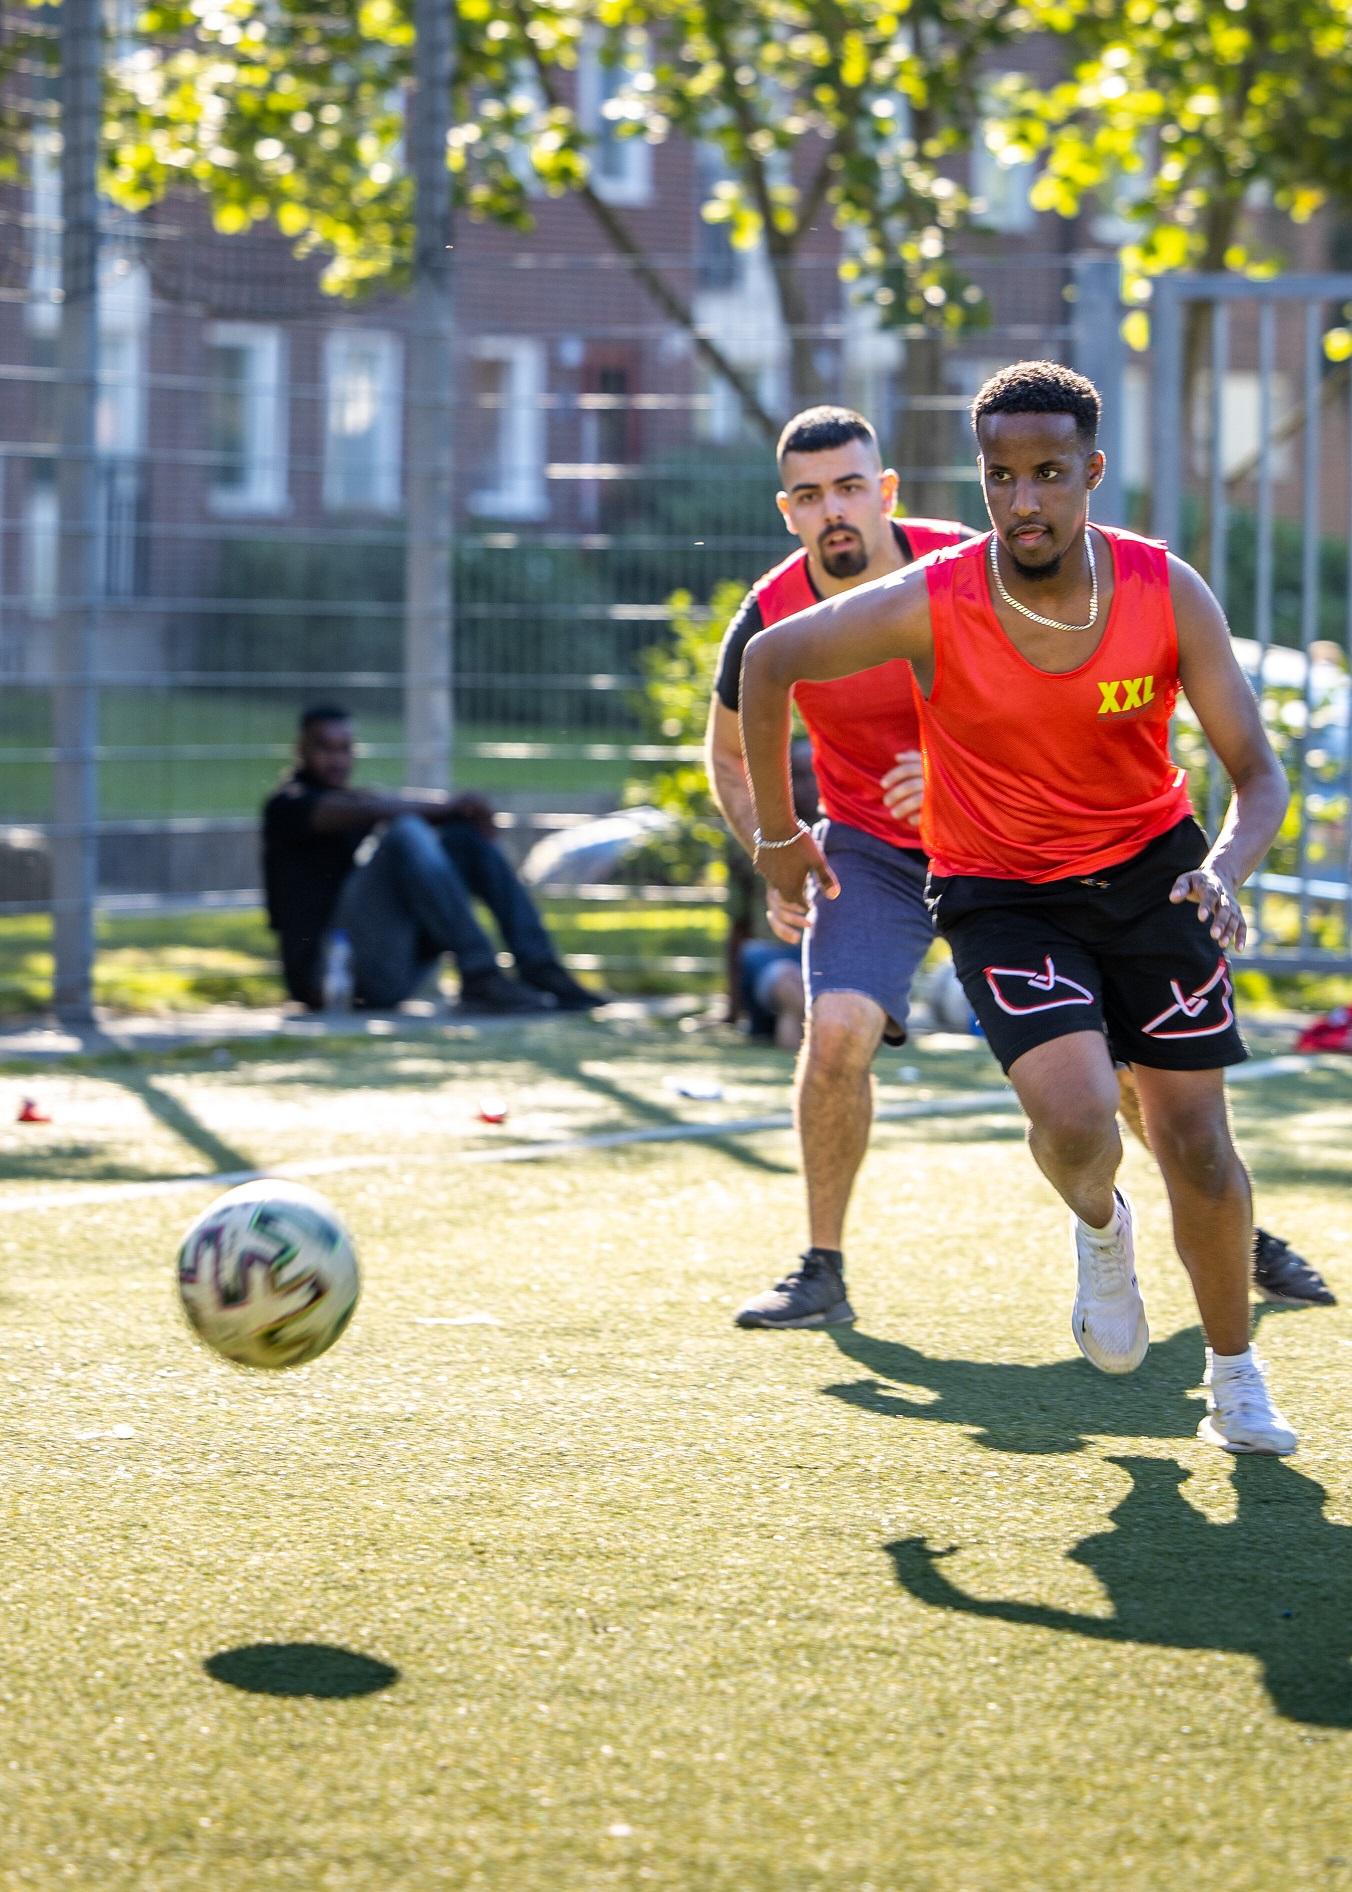 Ungdomar spelar fotboll i en fotbollsturnering i Norra Biskopsgården. Turneringen finansieras av boendebudgeten i Norra Biskopsgården och för arrangemanget står Geesgud Ungdomsförening.